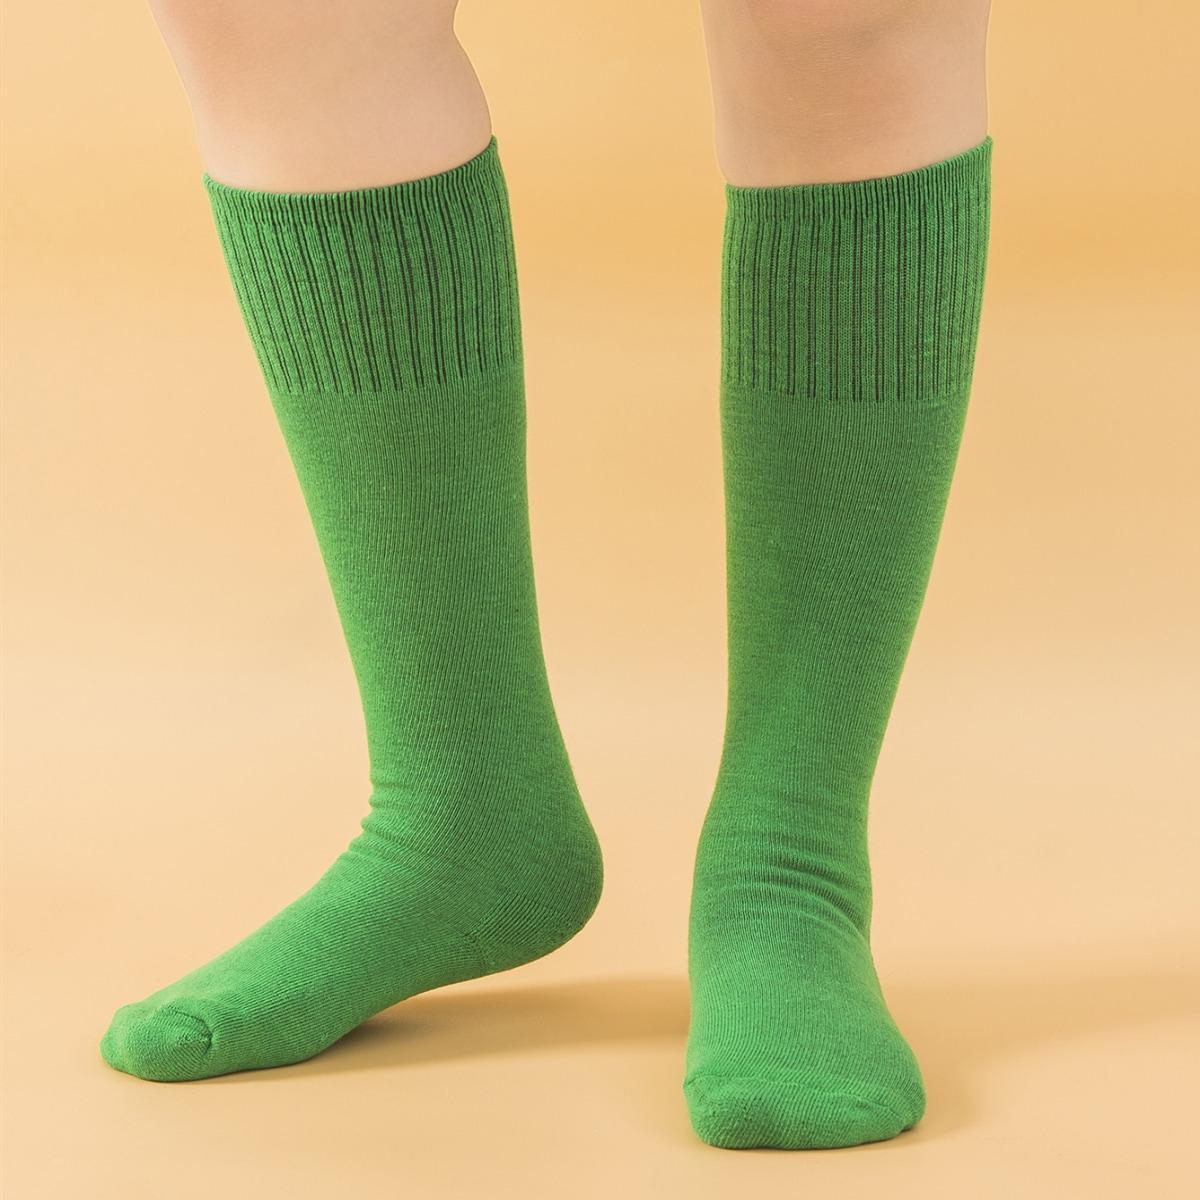 SHEIN / Boys Green Football Socks